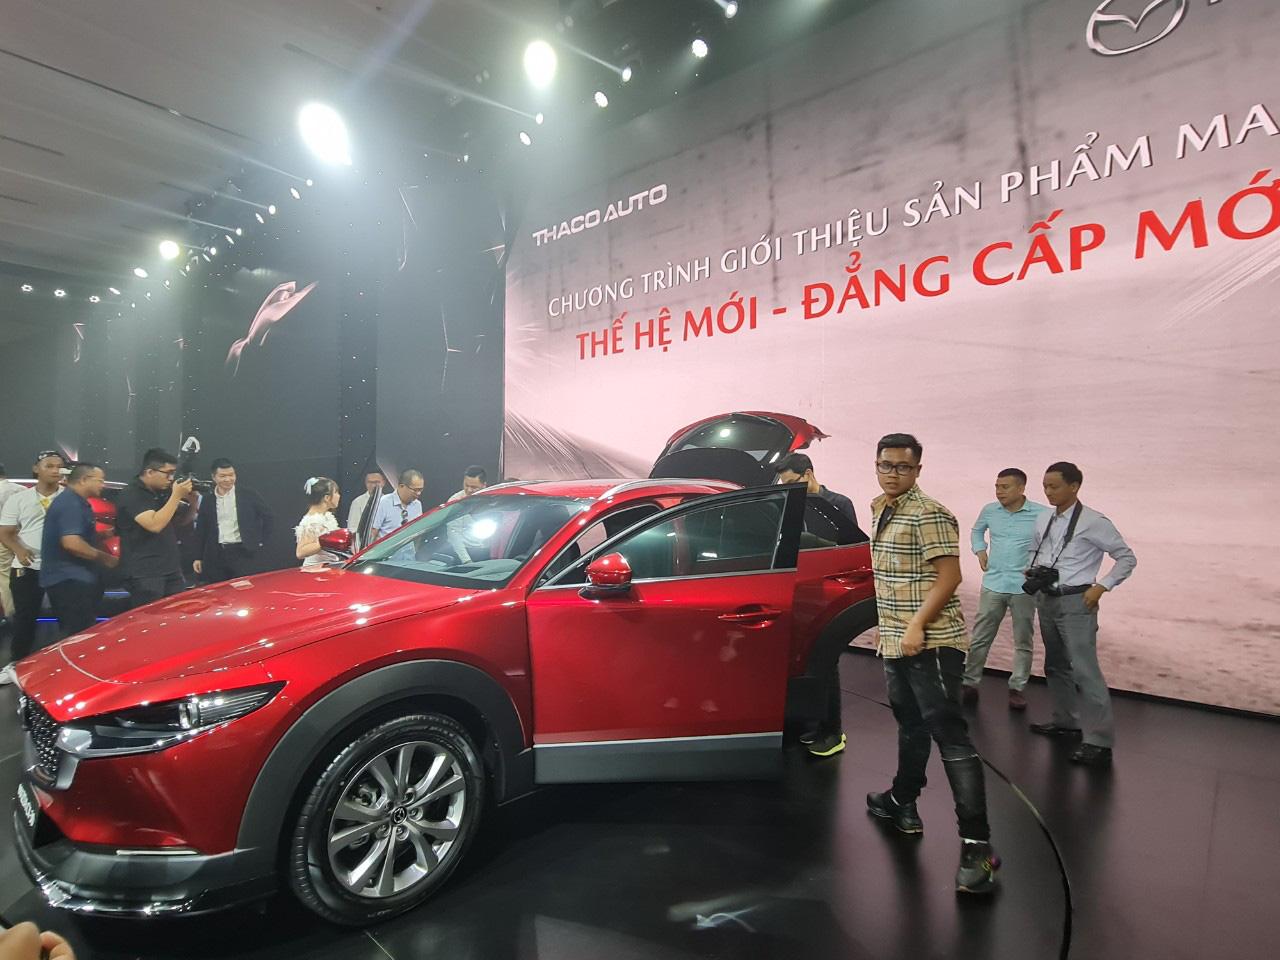 """Quảng Nam: Tỷ phú Trần Bá Dương ra dòng xe Mazda CX-30 """"thế hệ mới - đẳng cấp mới"""".   - Ảnh 6."""